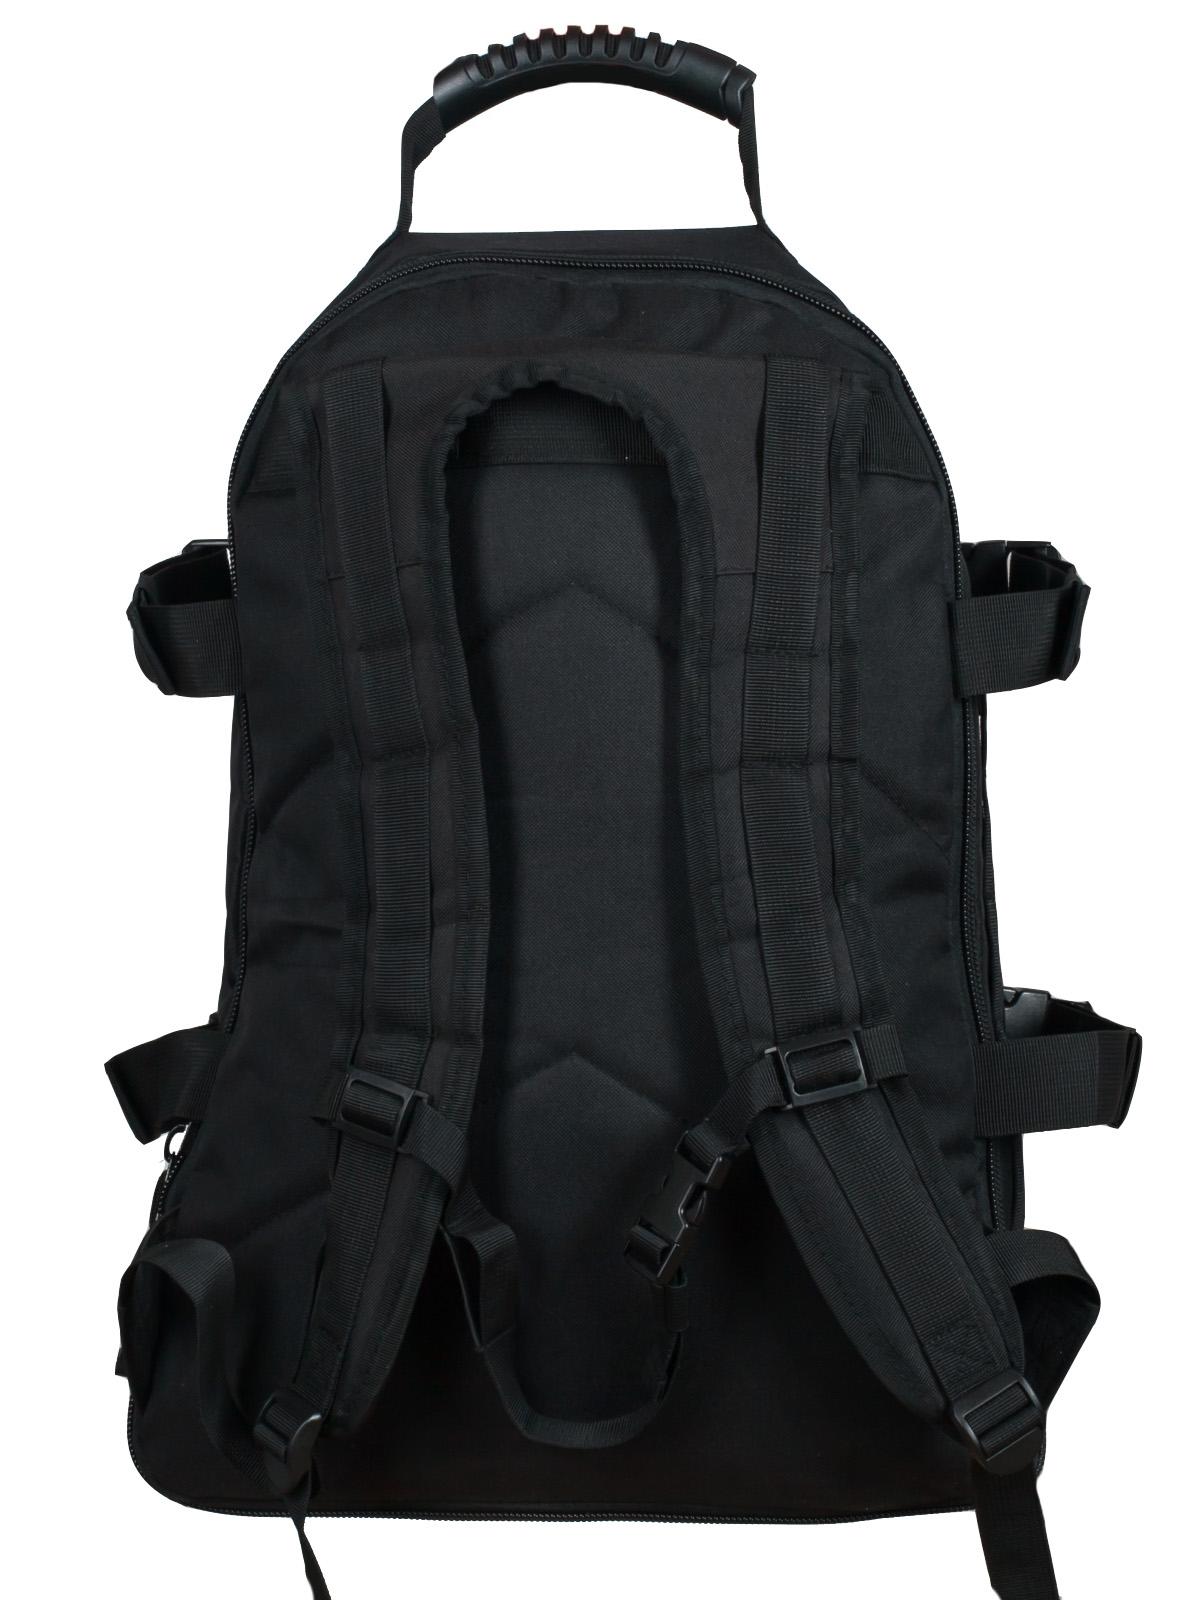 Купить универсальный черный рюкзак с нашивкой Потомственный Казак оптом выгодно